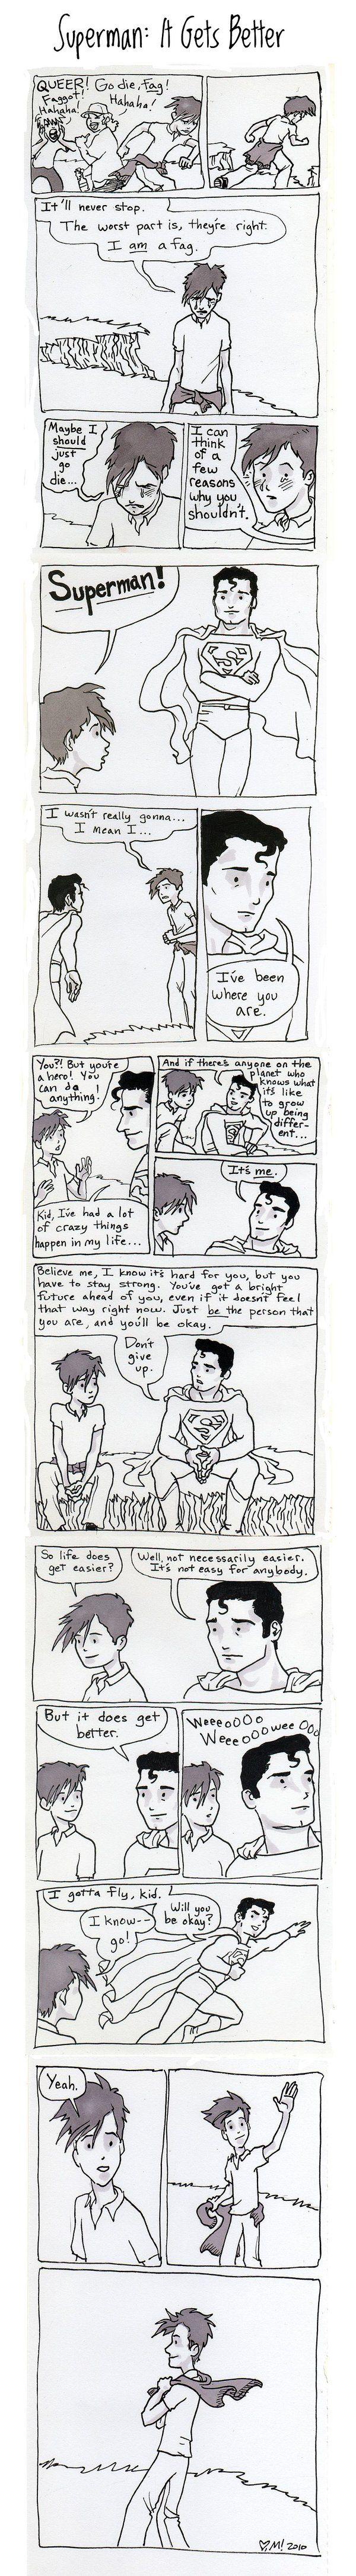 Superman: It Gets Better by Magzdilla.deviantart.com on @deviantART